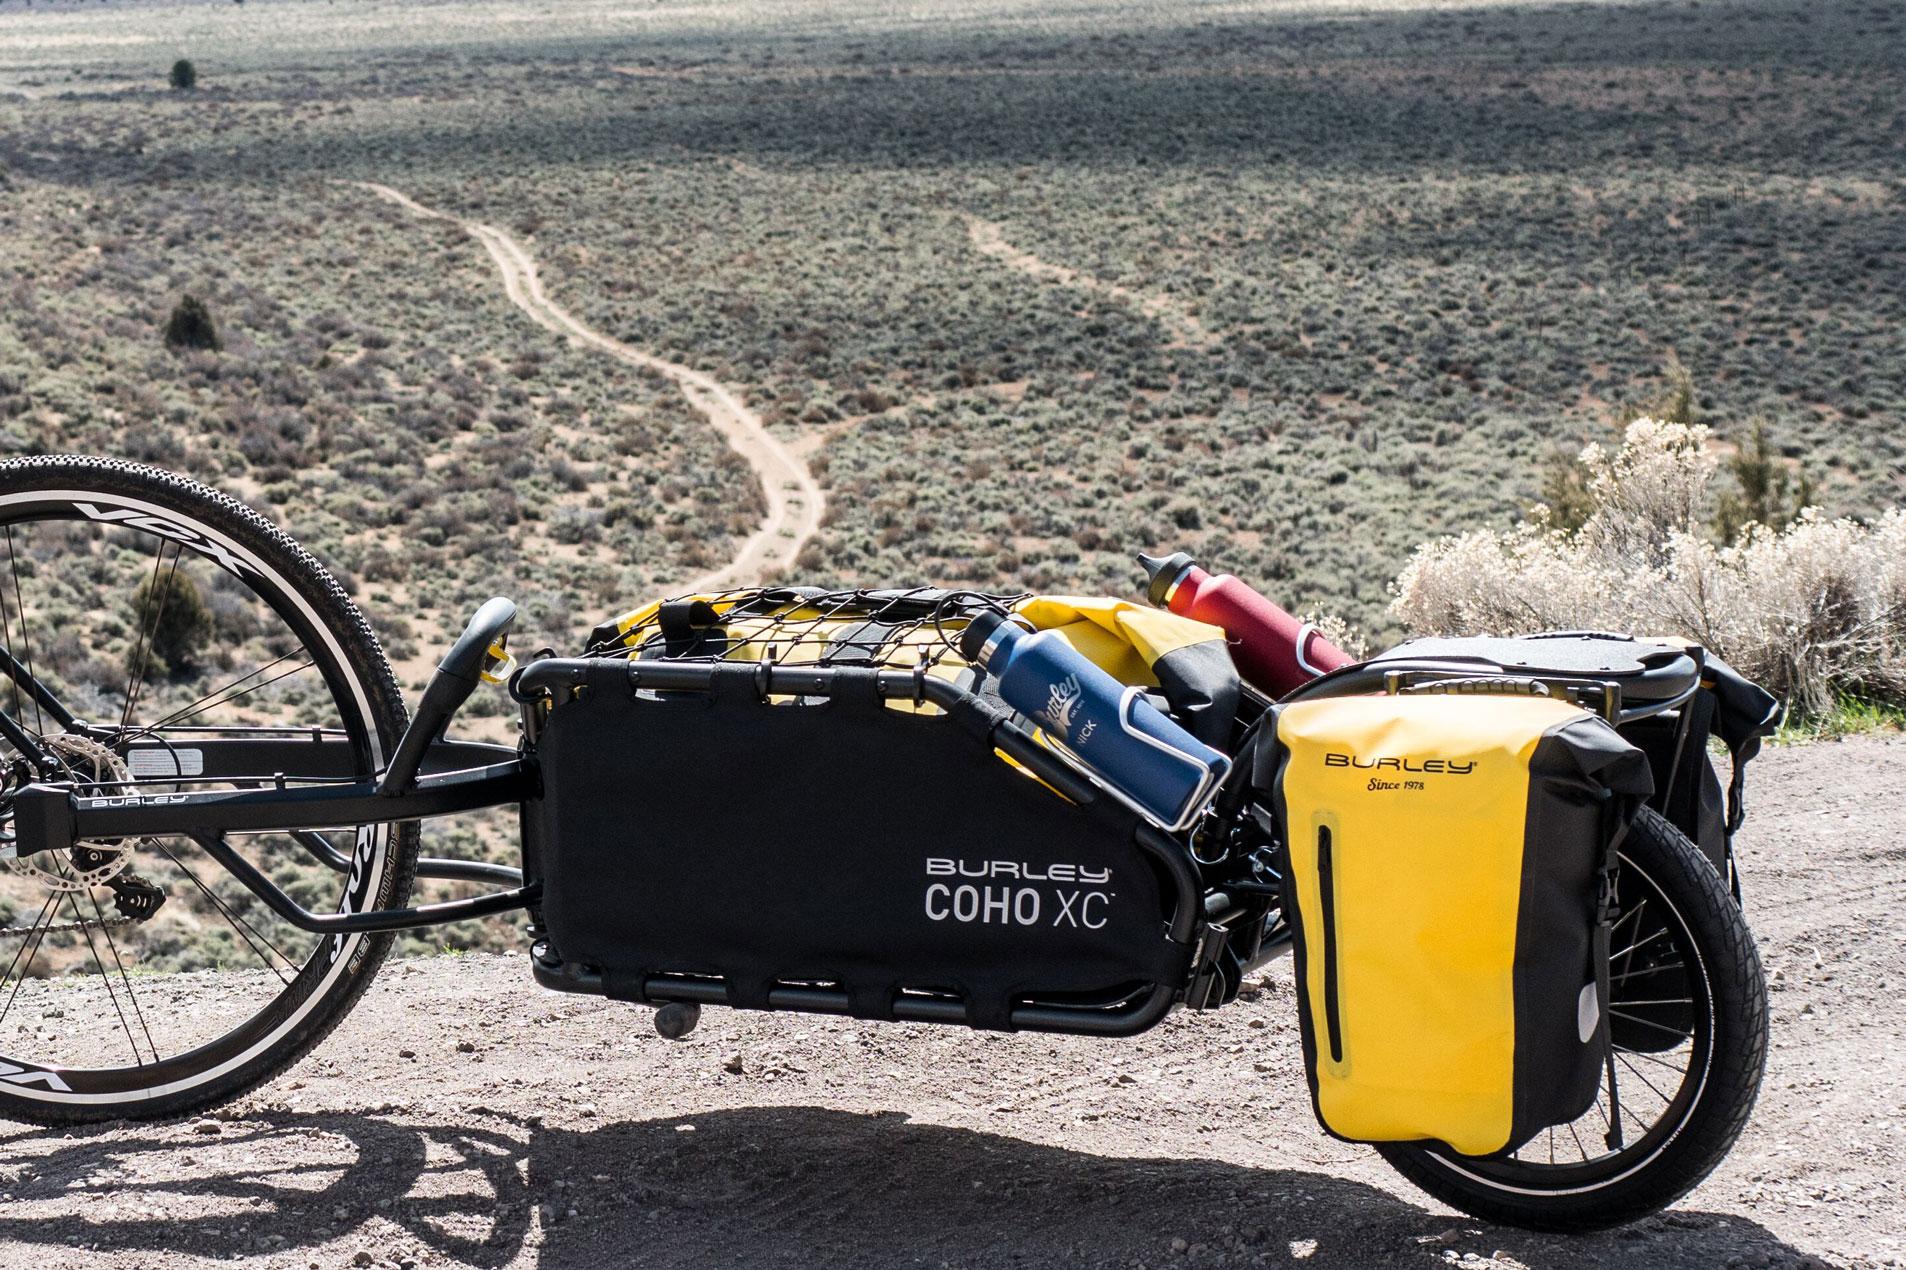 Burley Coho XC bike trailer